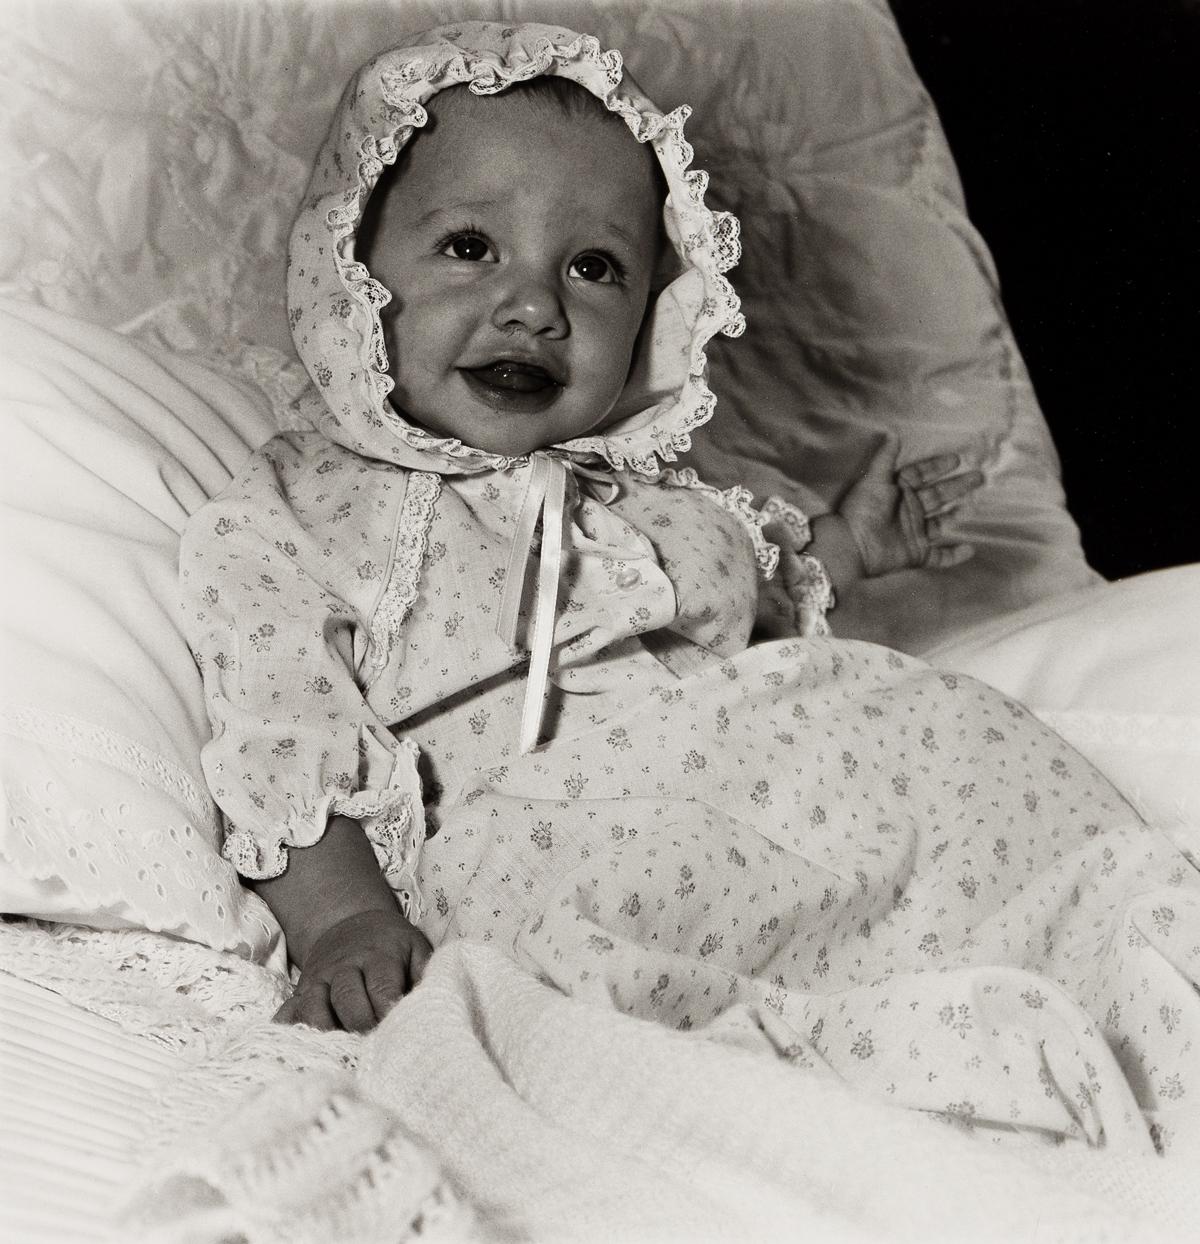 DIANE ARBUS (1923-1971)/NEIL SELKIRK (1947- ) Baby in a Lacy Bonnet, N.Y.C.